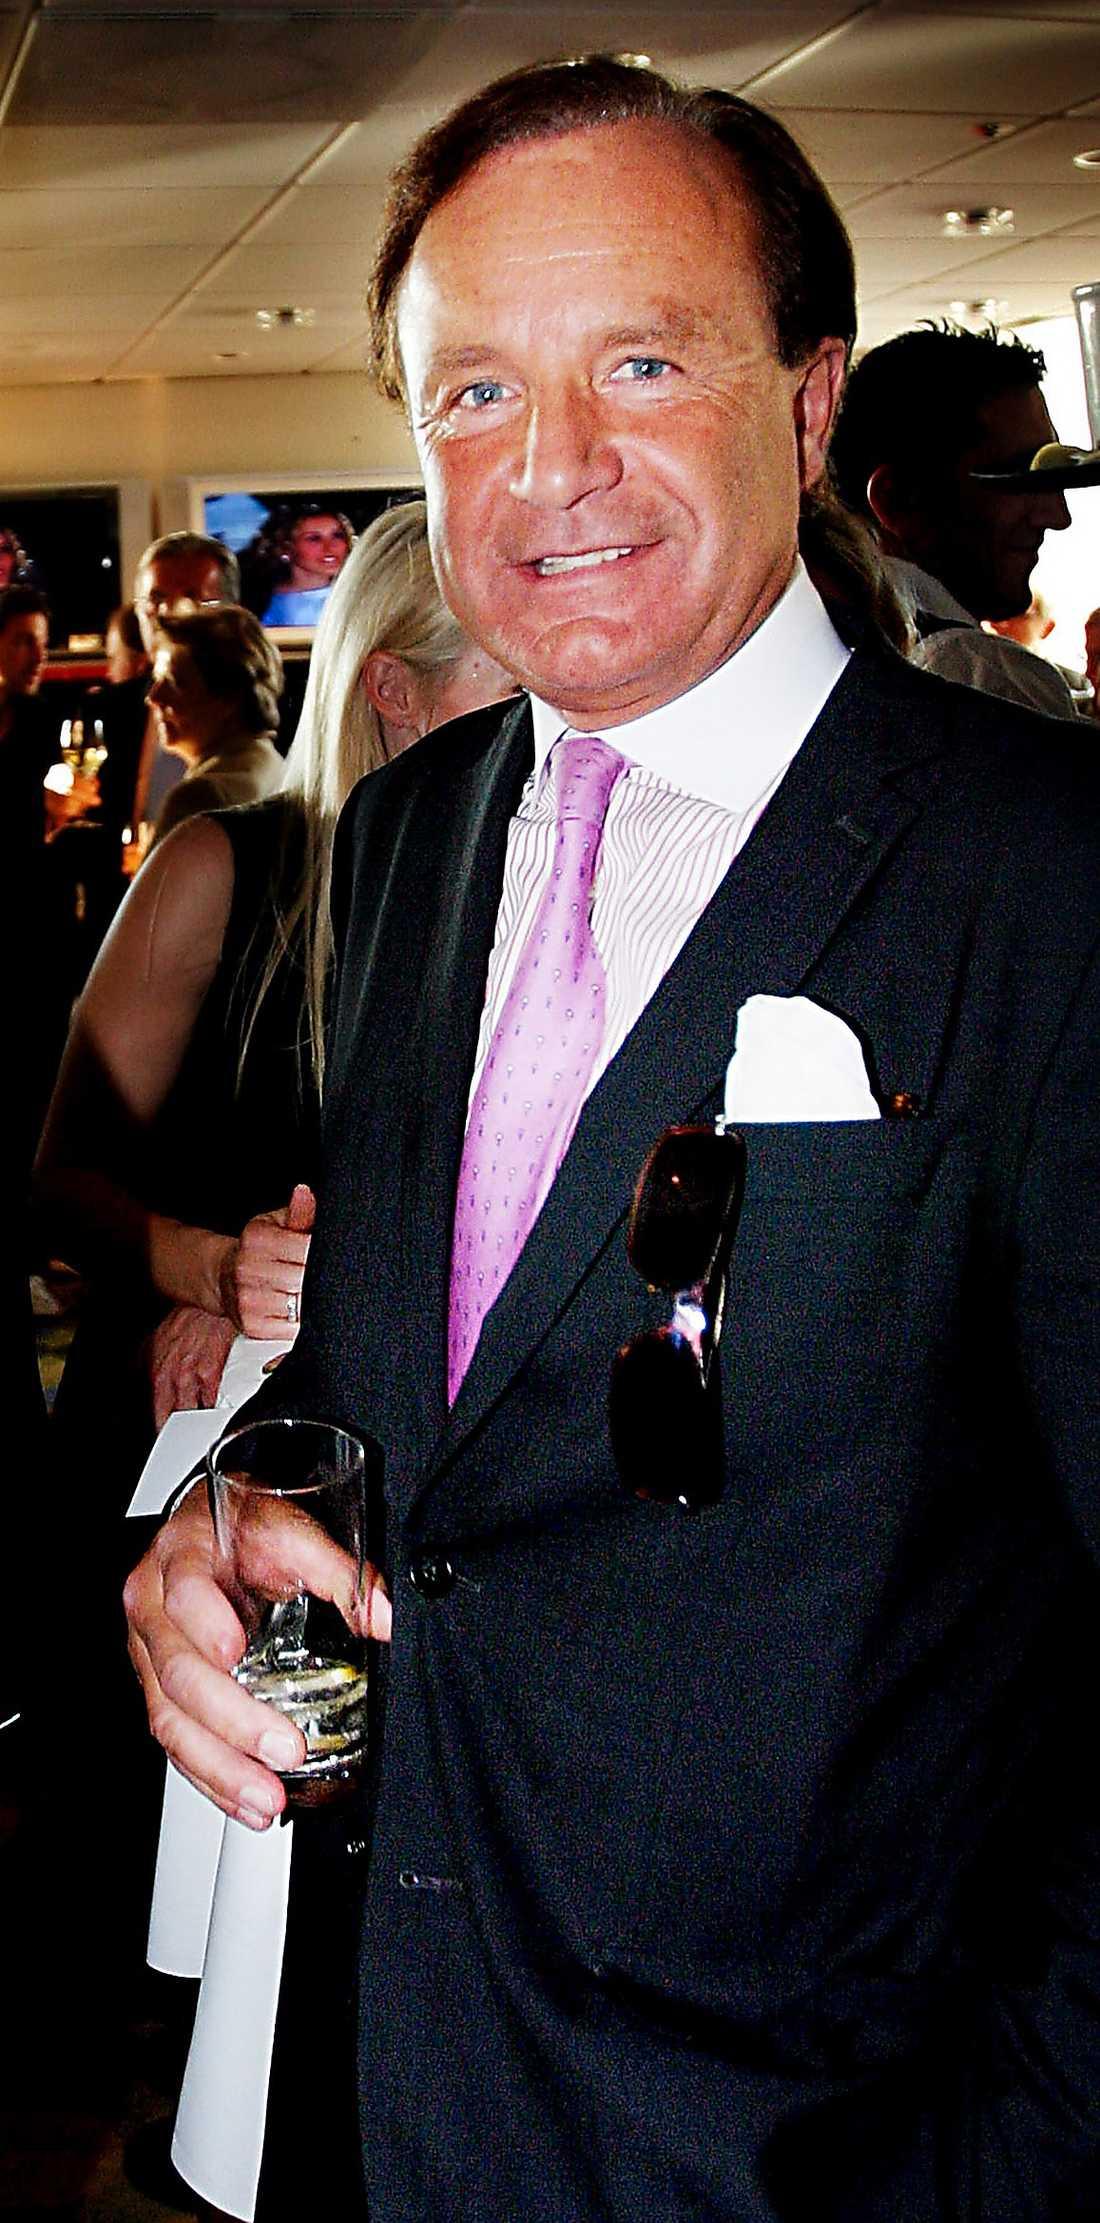 ANDERS LETTSTRÖM  Godsägare och affärsman. Är bland annat ordförande i Oscarsteatern och styrelseledamot i 2E Group. Barndomsvän med kungen. Anders Lettströms gammelfarbror var Gustaf VI Adolfs närmaste man. n Jagar ibland tillsammans med kungen. Semestrar ofta med kungaparet, bland annat på Mikael och Anne Kraffts segelbåtar. Bor: På Östermalm i Stockholm och på Sköldnora Kungsgård i Upplands Väsby. Familj: Gift med Christina, 50. Har barnen Gustaf, 22, och Wilhelm, 19. Inkomst: 371 000 kronor taxeringsåret 2010.